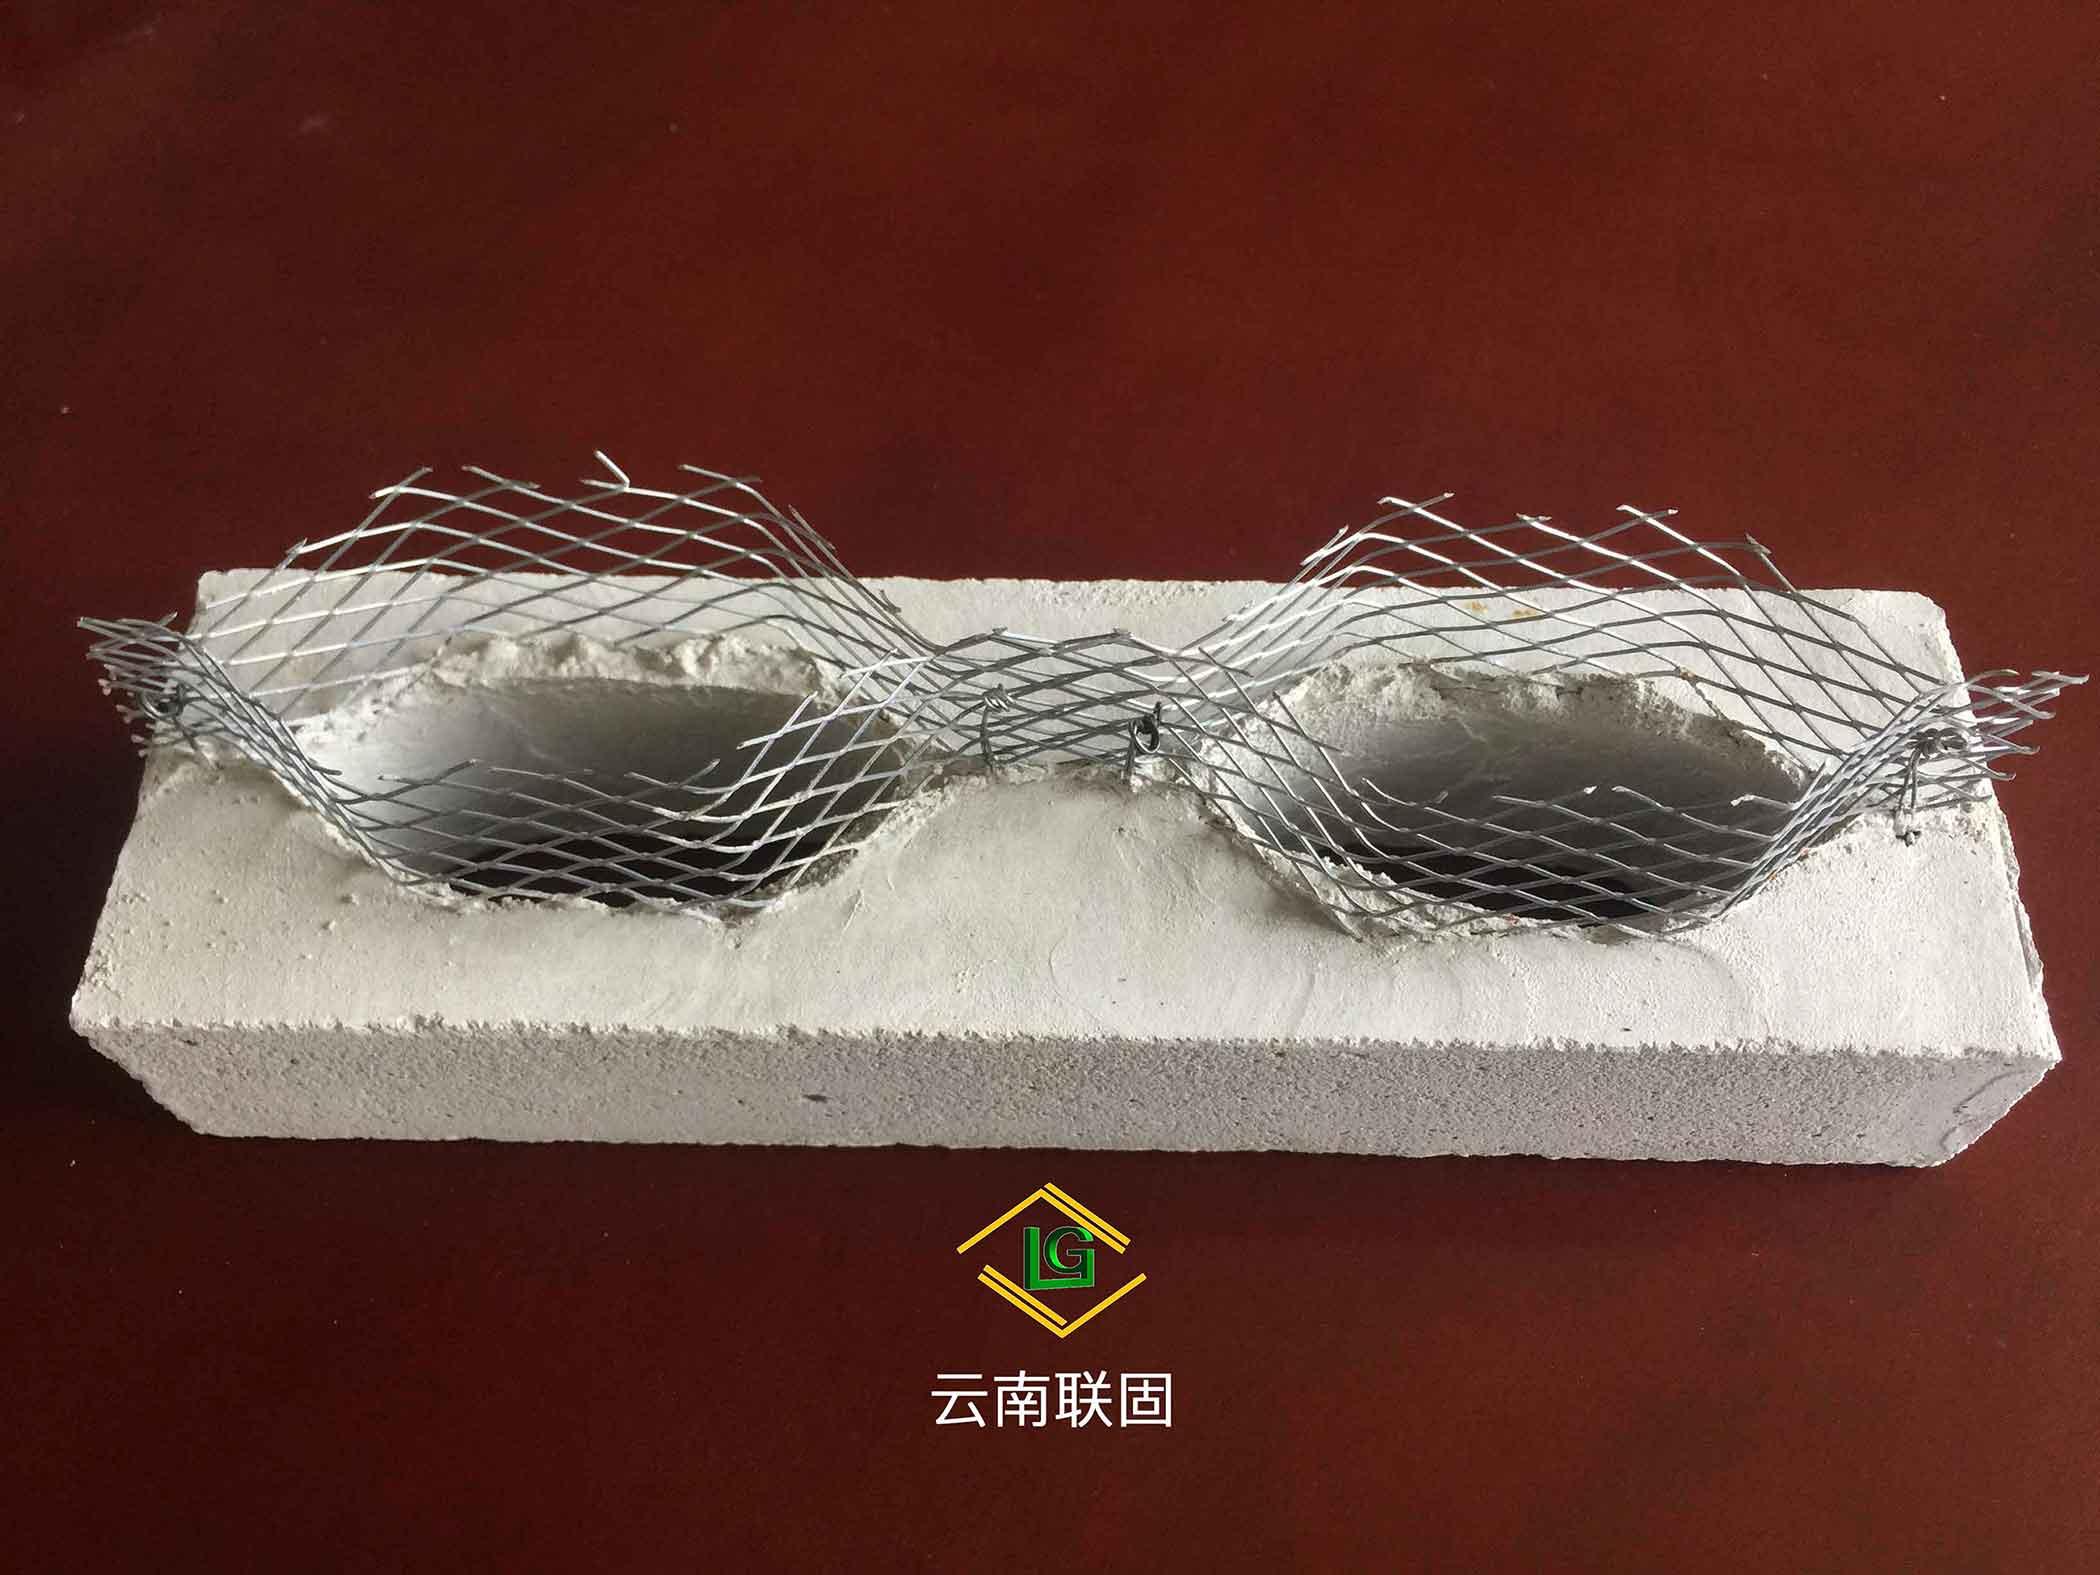 云南中空内模金属网值得信赖 诚信为本 云南联固建筑材料供应